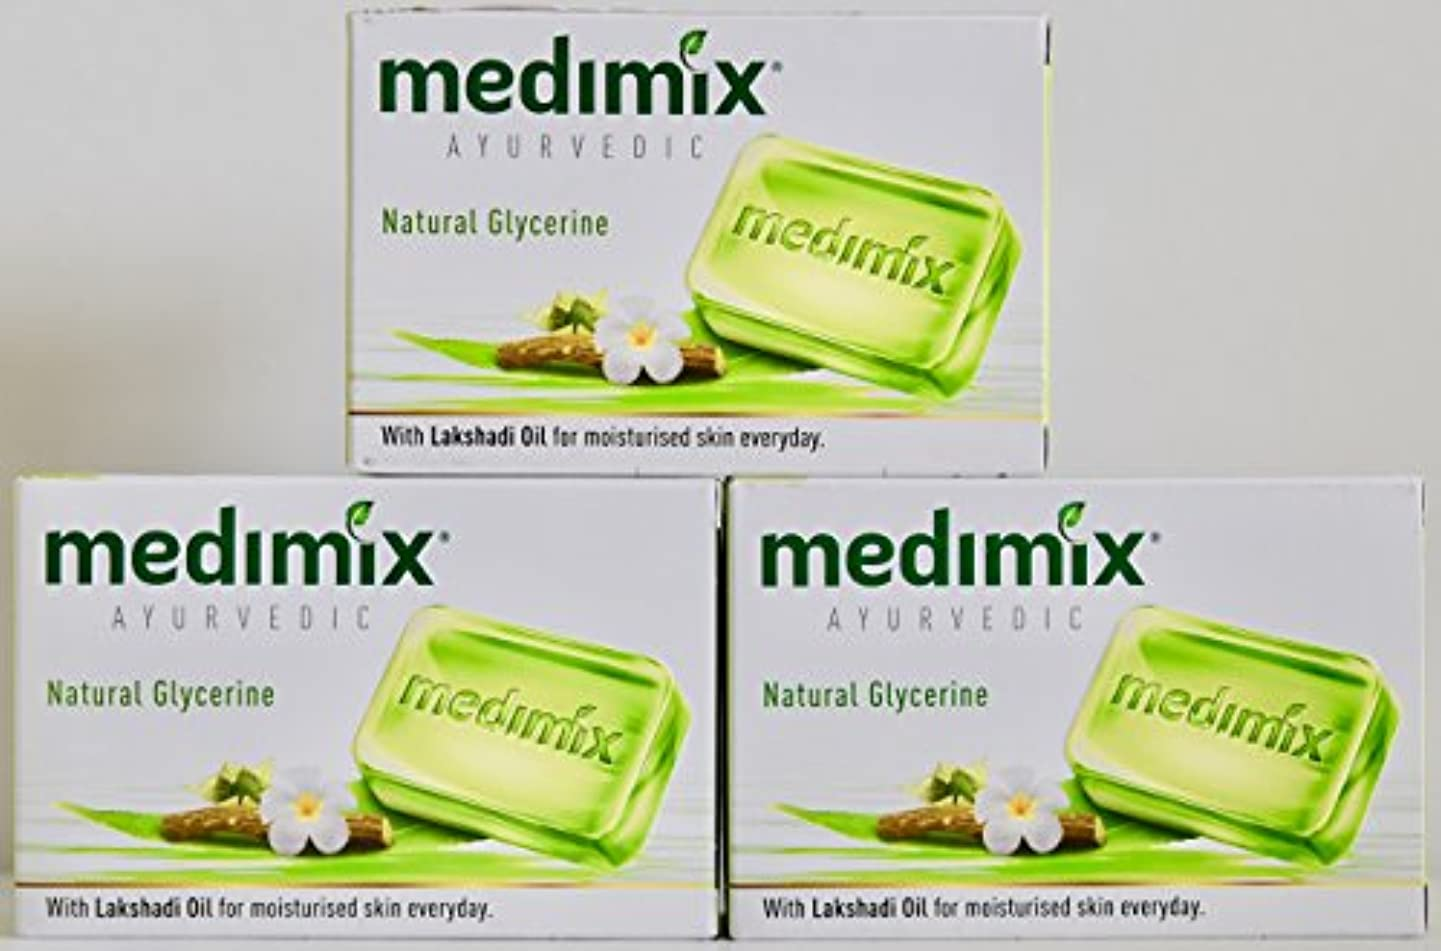 投げるストライプ最大限MEDIMIX メディミックス アーユルヴェディック ナチュラルグリセリン 3個入り  125g